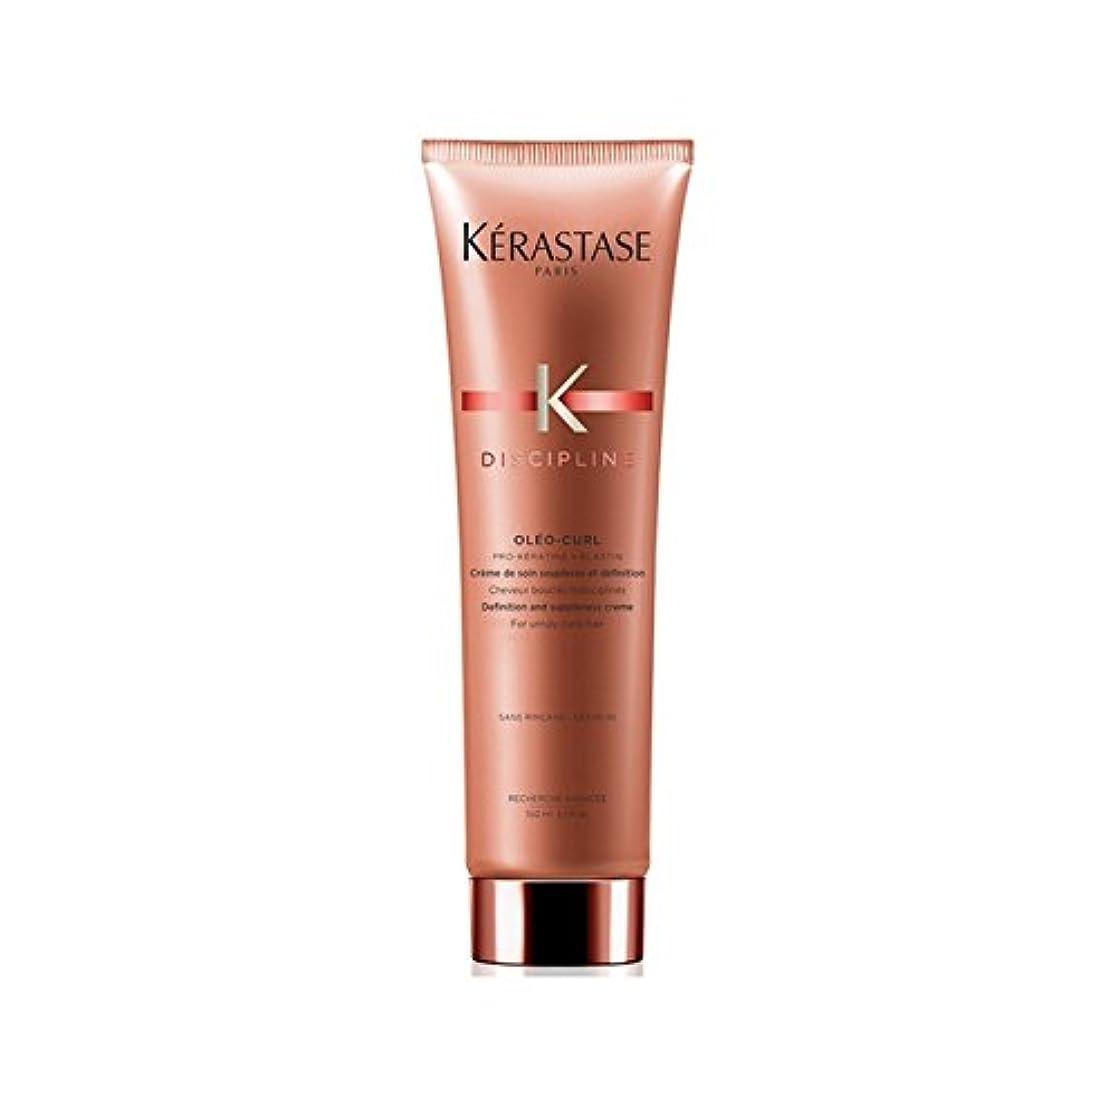 請願者急襲確かに理想的なクレンジングコンディショナー400ミリリットルカールケラスターゼの規律 x2 - K?rastase Discipline Curl Ideal Cleansing Conditioner 400ml (Pack...